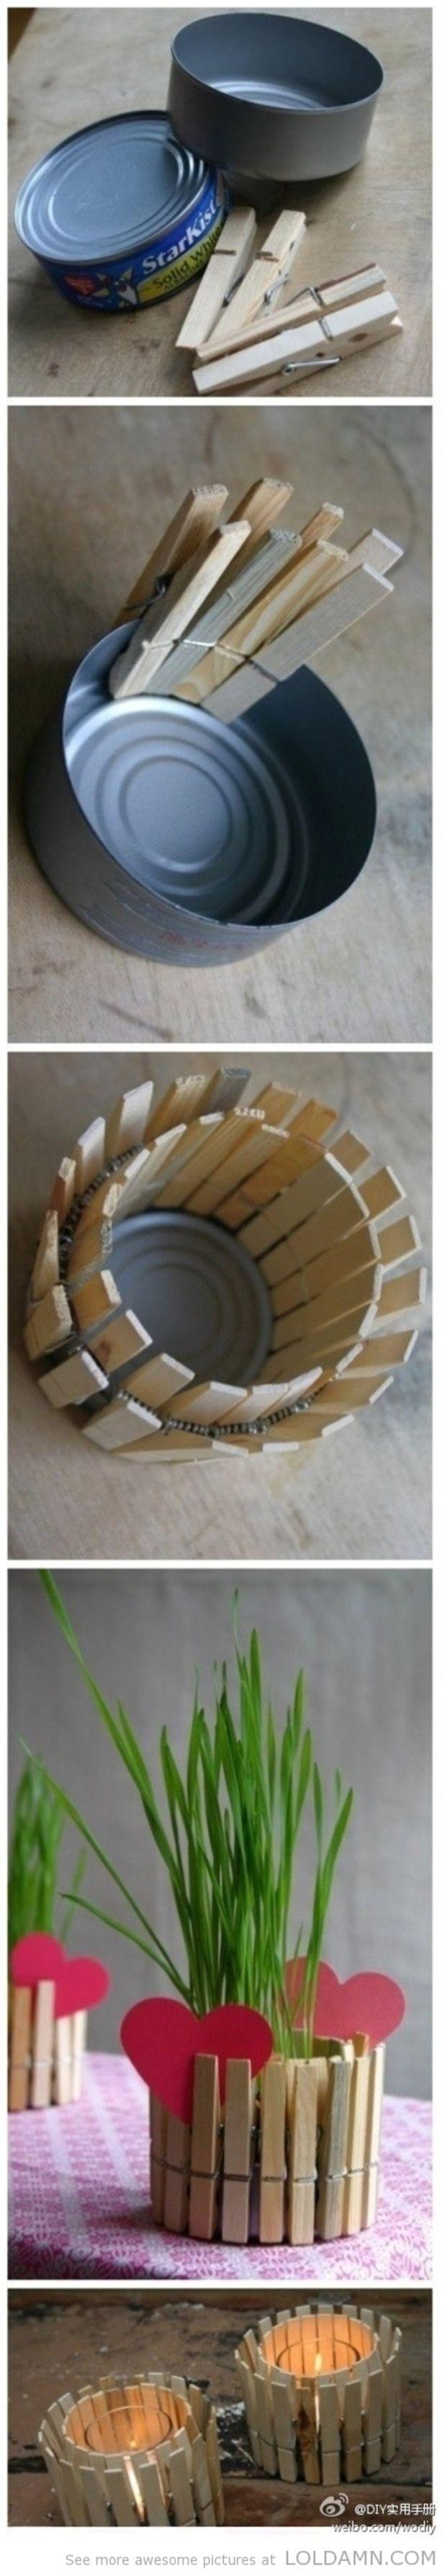 Eenvoudige+doe-ideeën:+Recycle+uw+oude+tin+en+wasknijpers